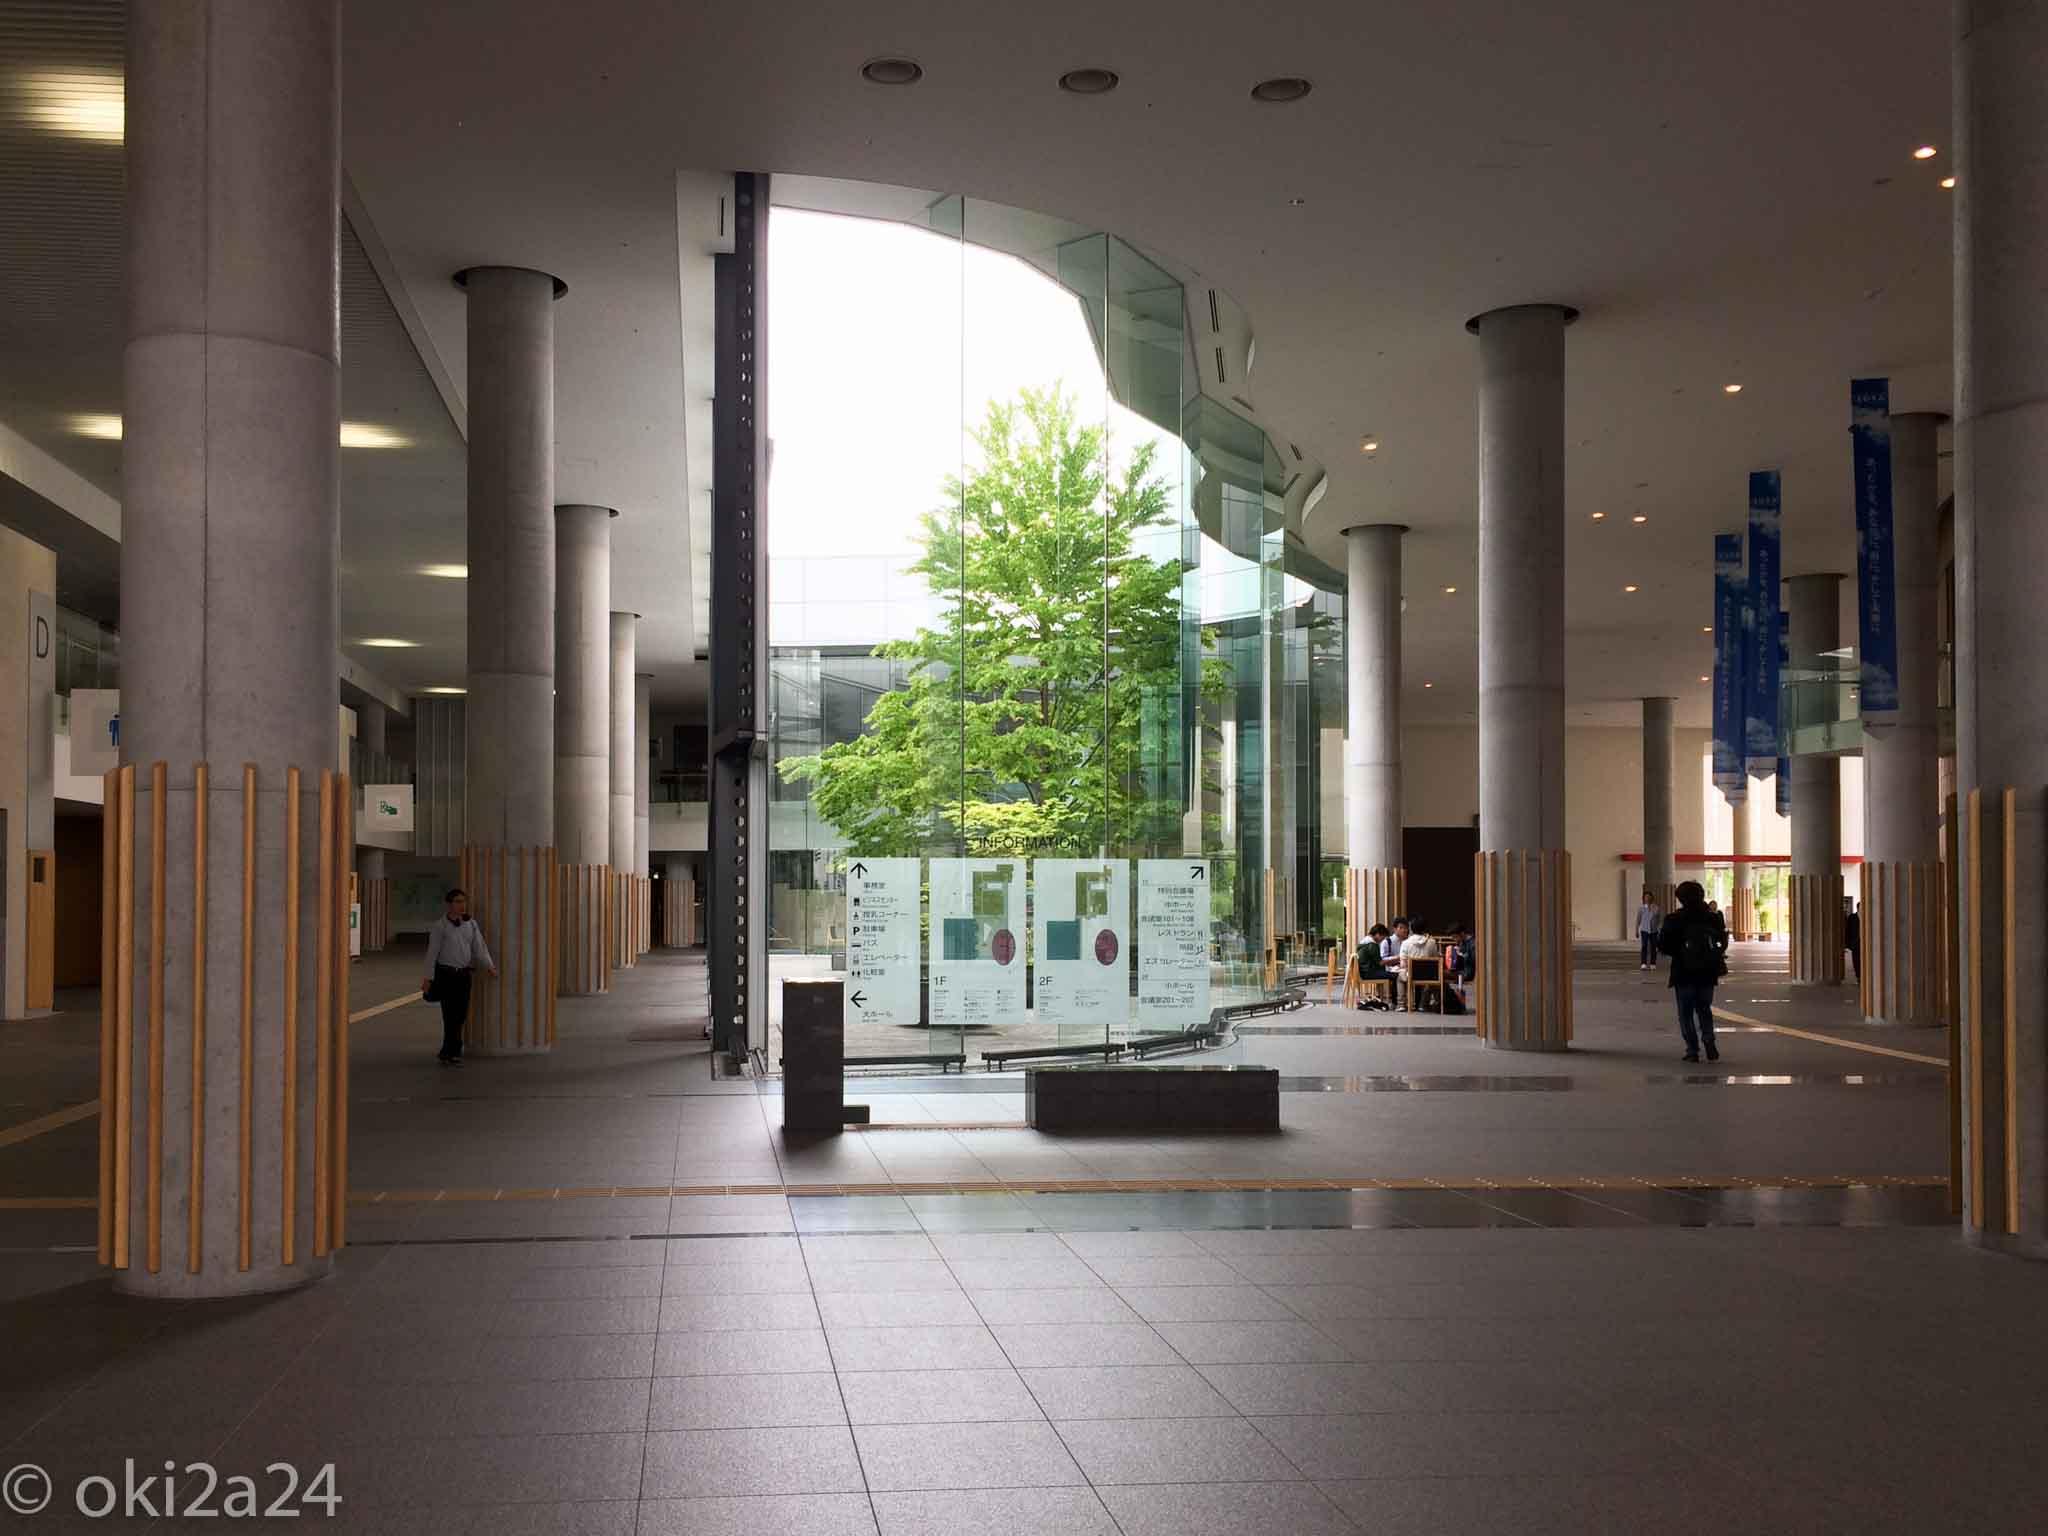 OSC2015 Hokkaido 会場の札幌コンベンションセンターに入ったところ。